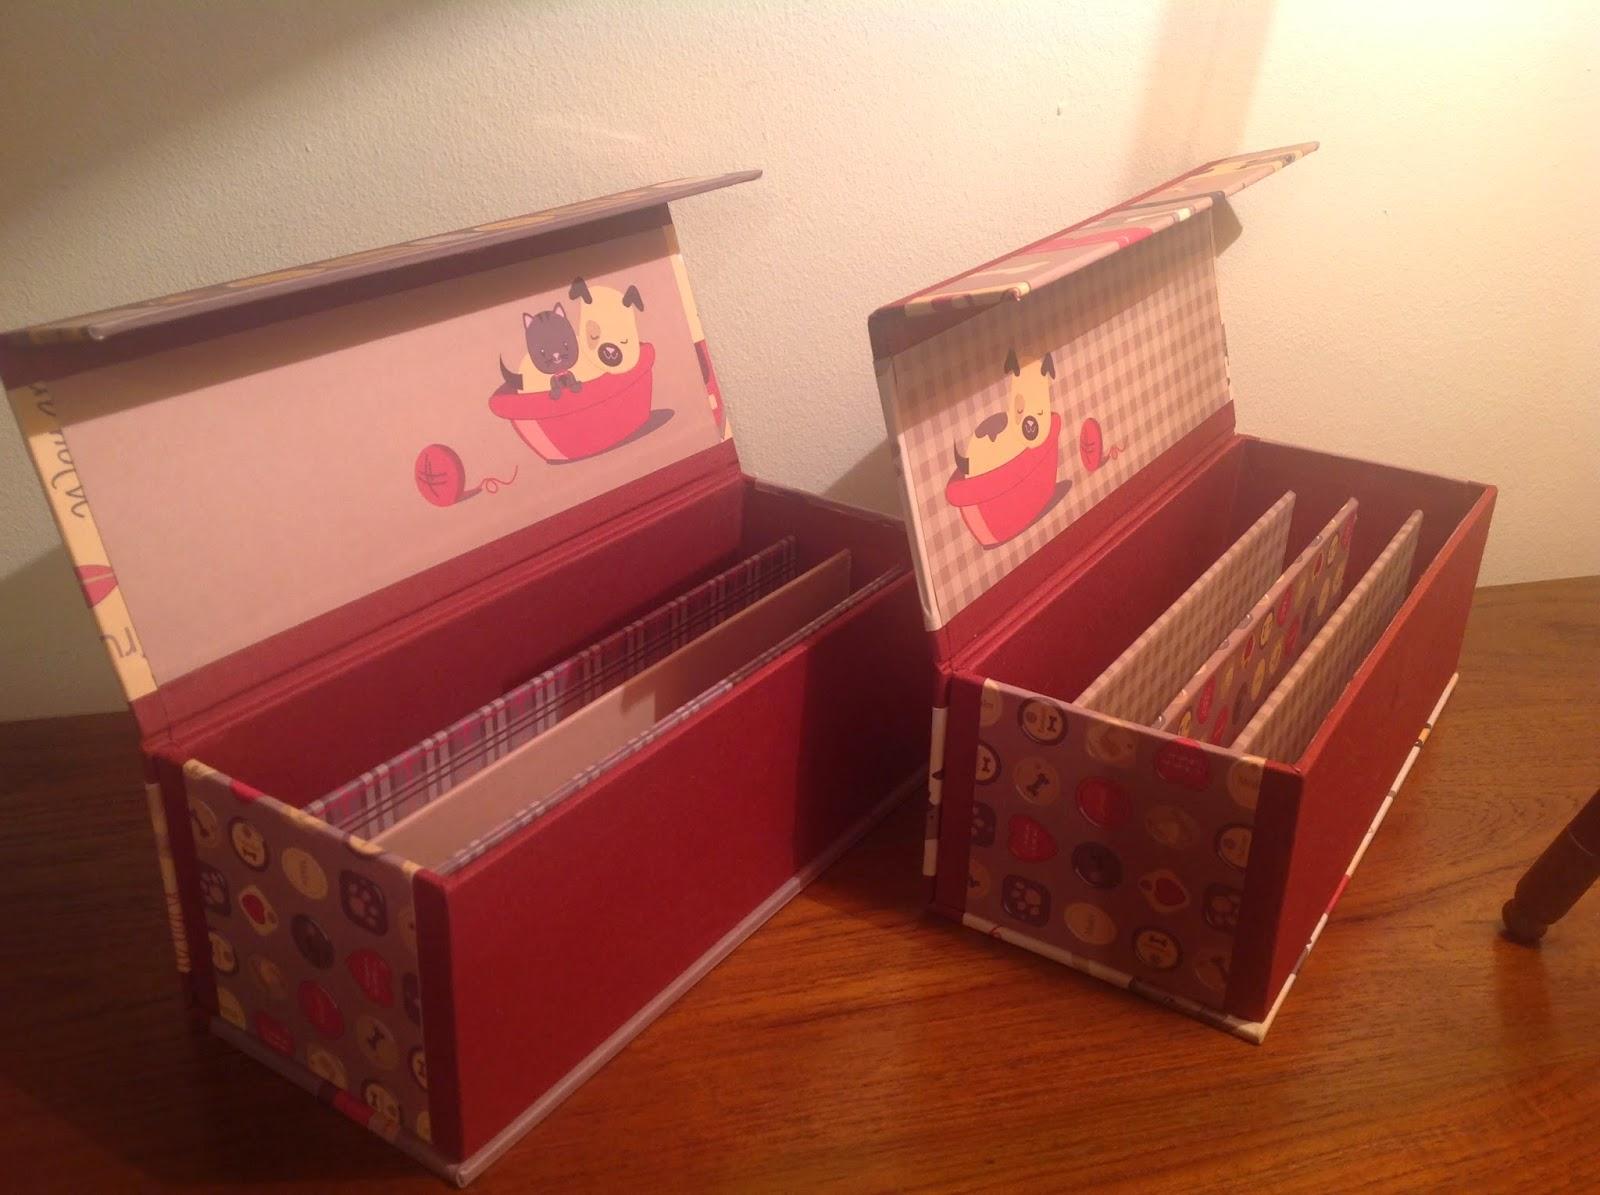 De cart n y trapo cajas para guardar tijeras - Cajas para guardar herramientas ...